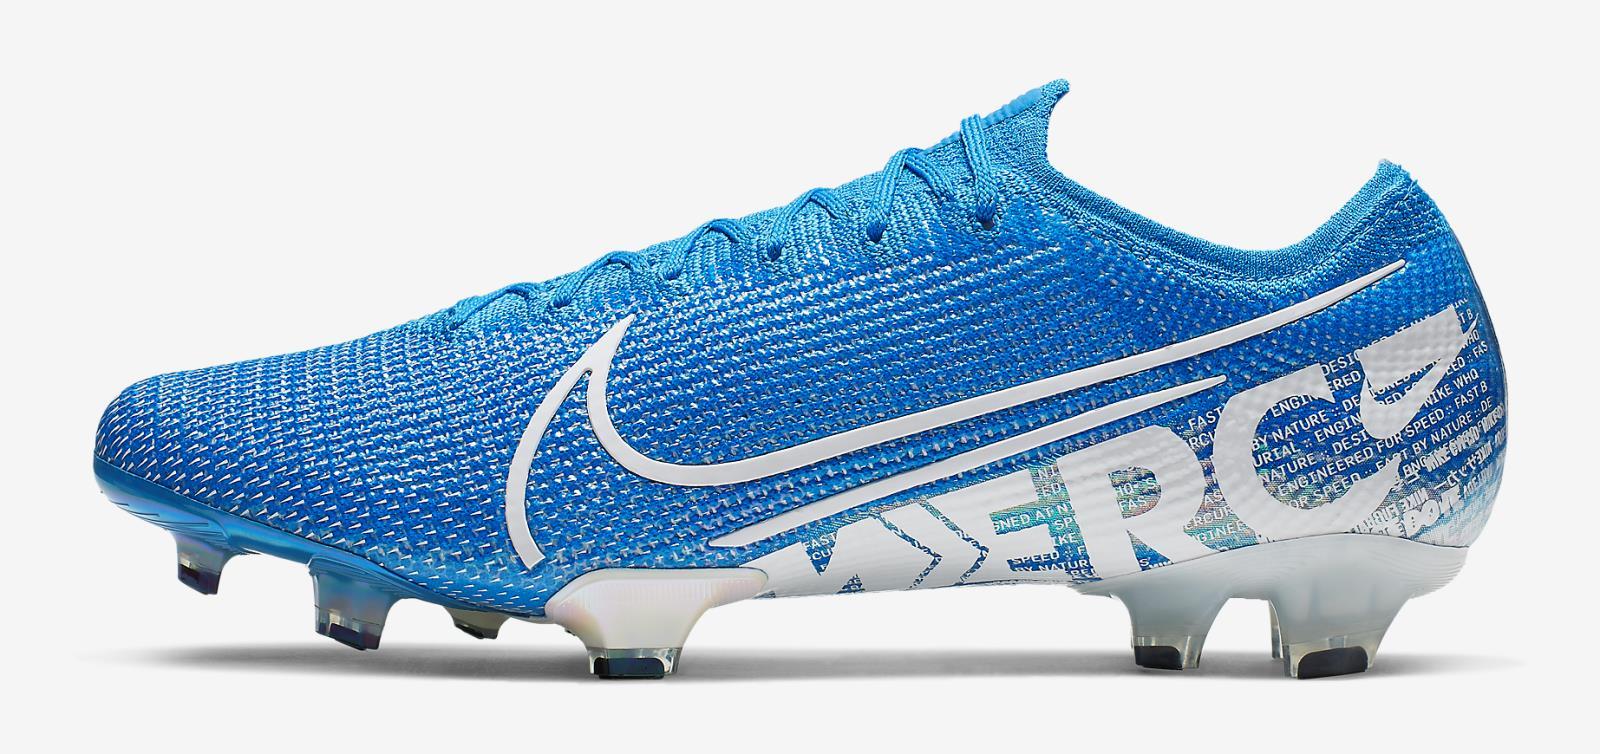 1-Botas Nike de Lodi 1